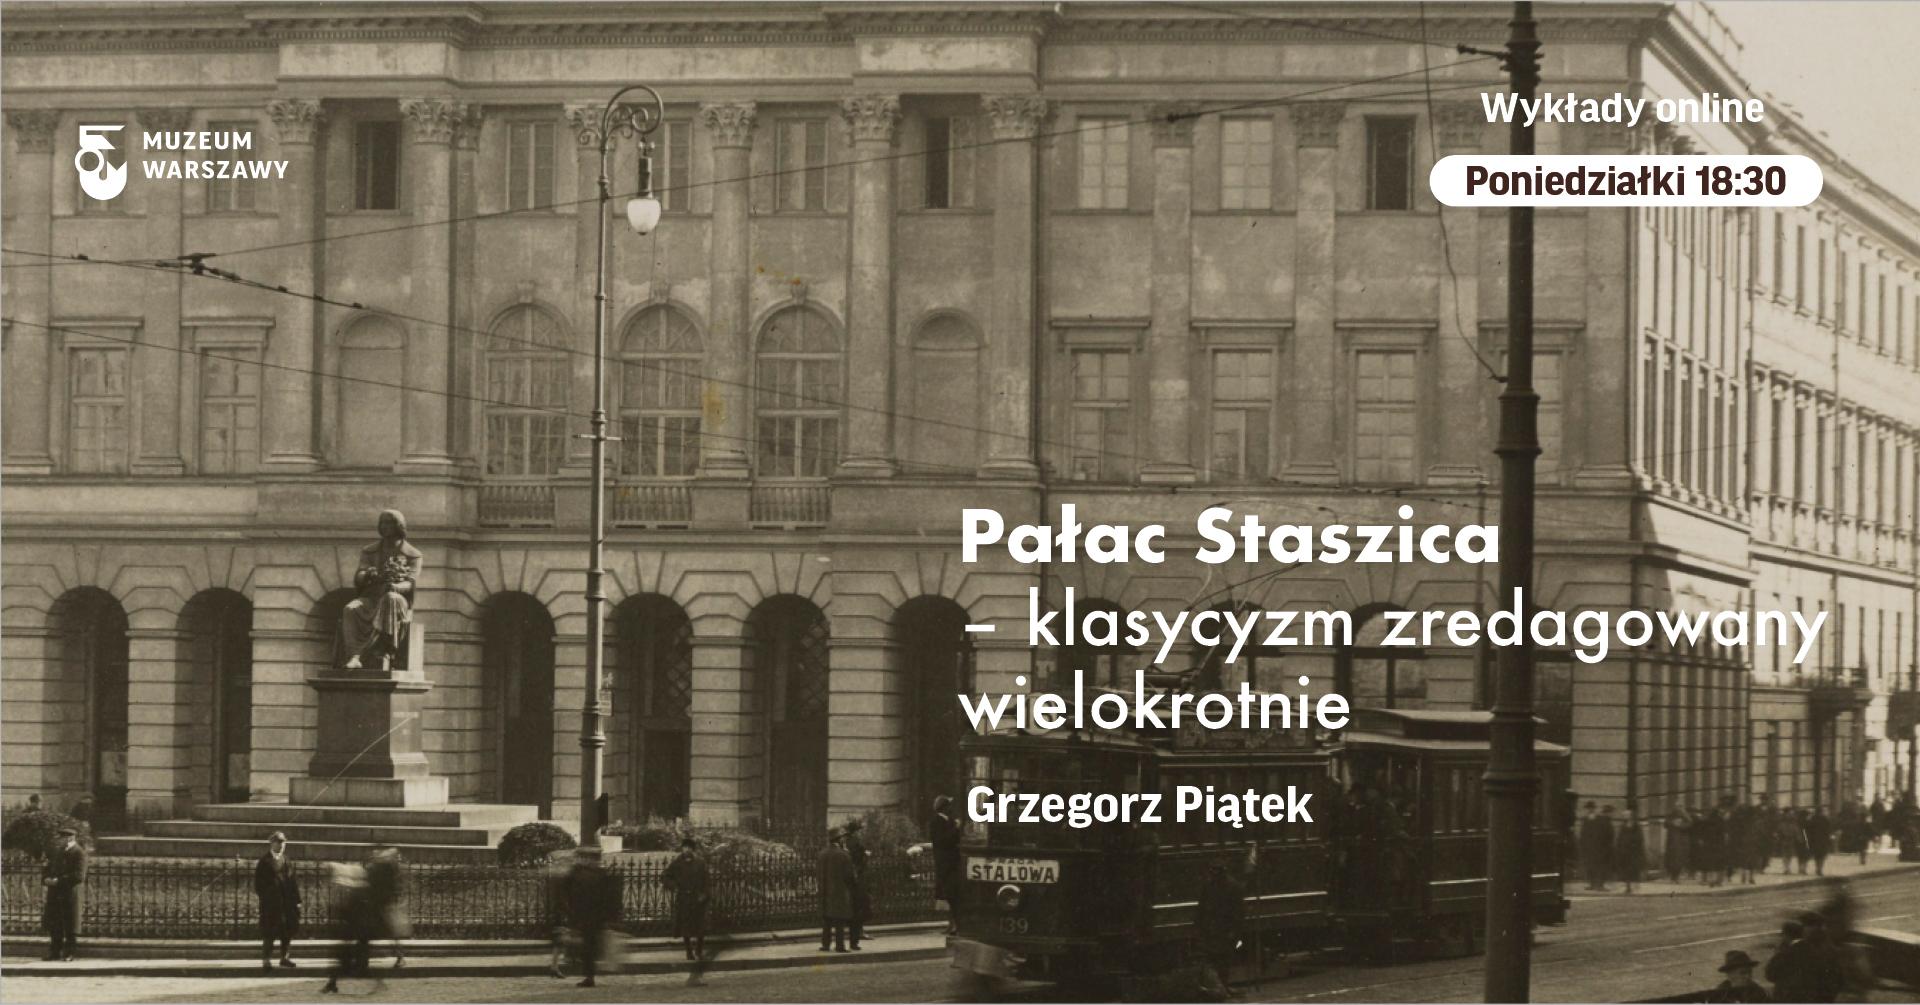 napis Pałac Staszica klasycyzm zredagowany wielokrotnie na tle starego zdjęcia pałacu staszica